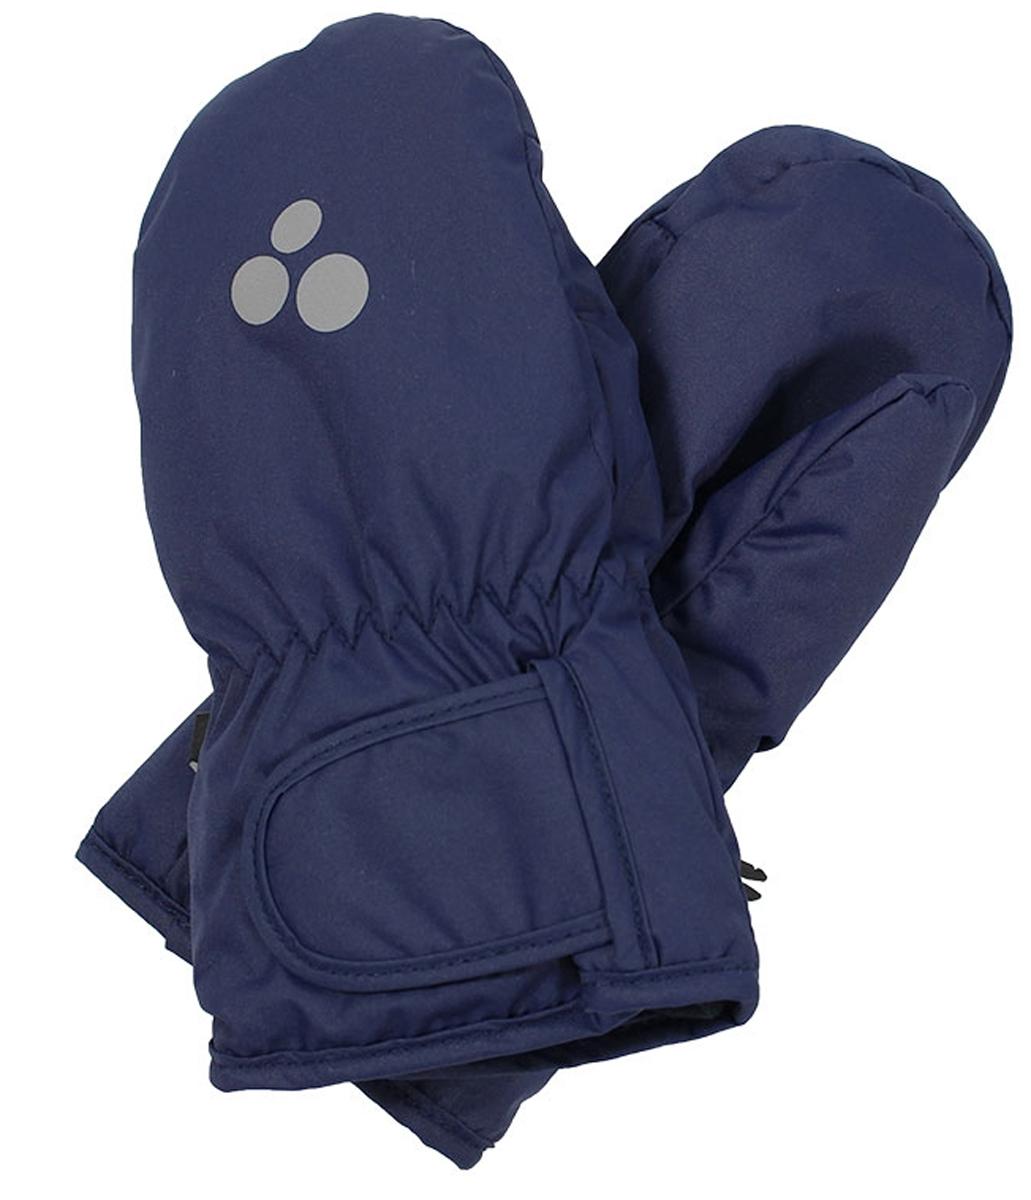 Варежки детские Huppa Liina, цвет: темно-синий. 8104BASE-60086. Размер 28104BASE-60086Детские варежки Huppa Liina, изготовленные из высококачественного полиэстера, станут идеальным вариантом для холодной зимней погоды. Первоклассный мембранный материал и теплая мягкая флисовая подкладка, а также наполнитель из синтепона надежно сохранят тепло и не дадут ручкам вашего малыша замерзнуть.Варежки дополнены удлиненными манжетами, которые помогут предотвратить попадание снега и влаги. На запястьях варежки собраны на эластичные резинки, что обеспечивает комфортную и надежную посадку. Изделие дополнено хлястиками на липучках, которые позволяют регулировать обхват манжет. С внешней стороны варежки оформлены светоотражающим принтом.Теплые, удобные и стильные варежки будут незаменимы для зимних прогулок и надежно защитят ручки малыша от холода и ветра.Водонепроницаемость: 5000 мм. Воздухопроницаемость: 5000 г/м2.